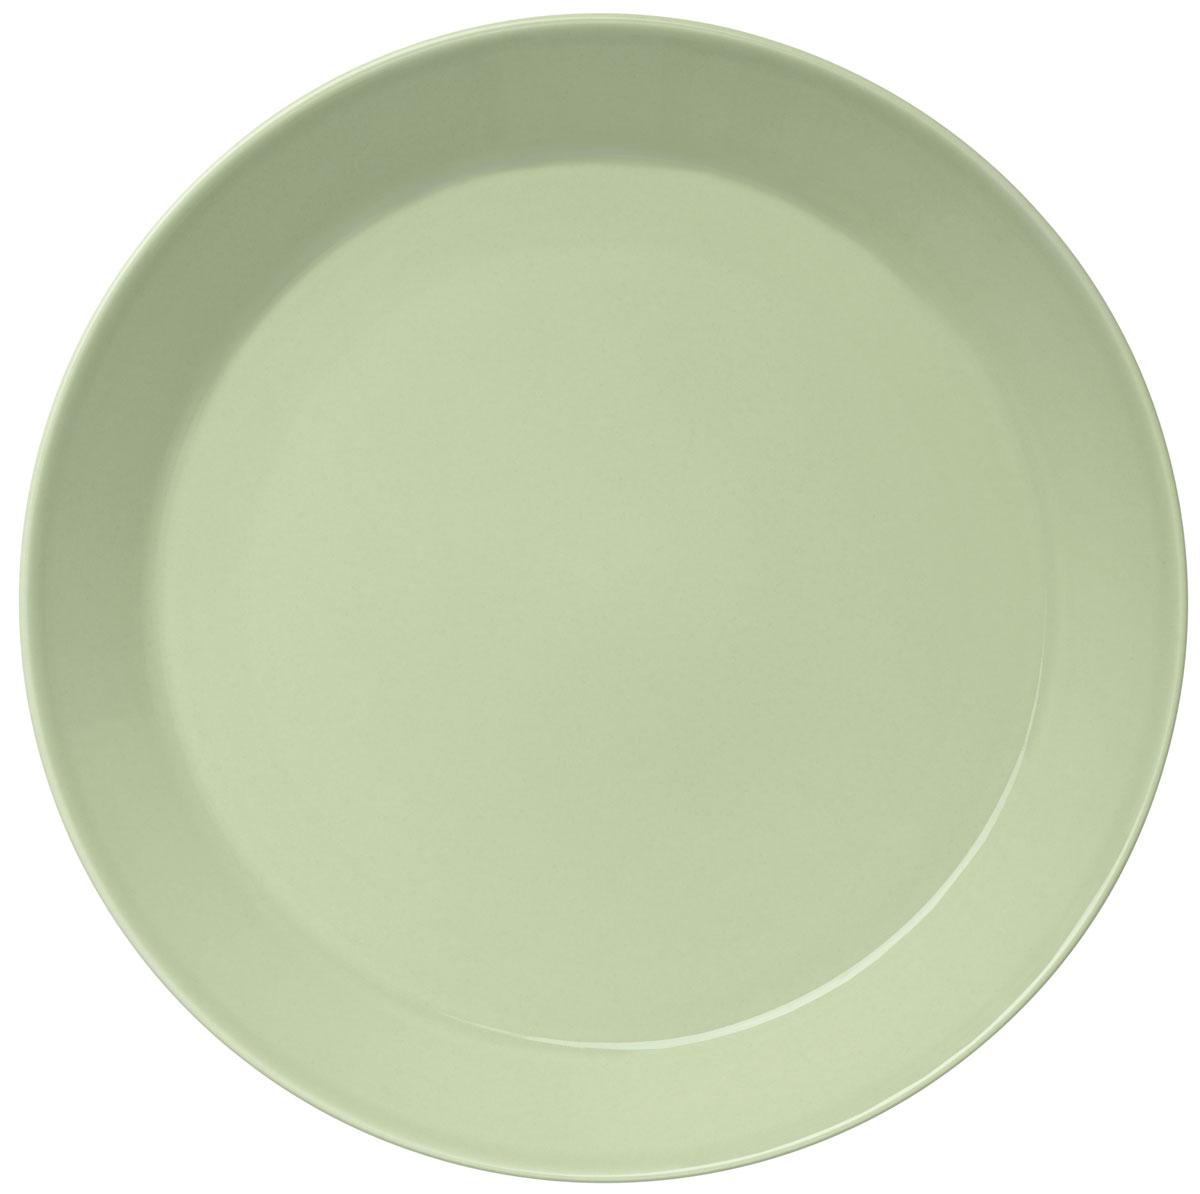 Тарелка Iittala Teema, цвет: зеленый, диаметр 26 см1005972Тарелка Iittala Teema выполнена из качественного жароустойчивого прочного фарфора с долговечным стекловидным эмалевым покрытием. Можно мыть в посудомоечной машине.Диаметр: 26 см.